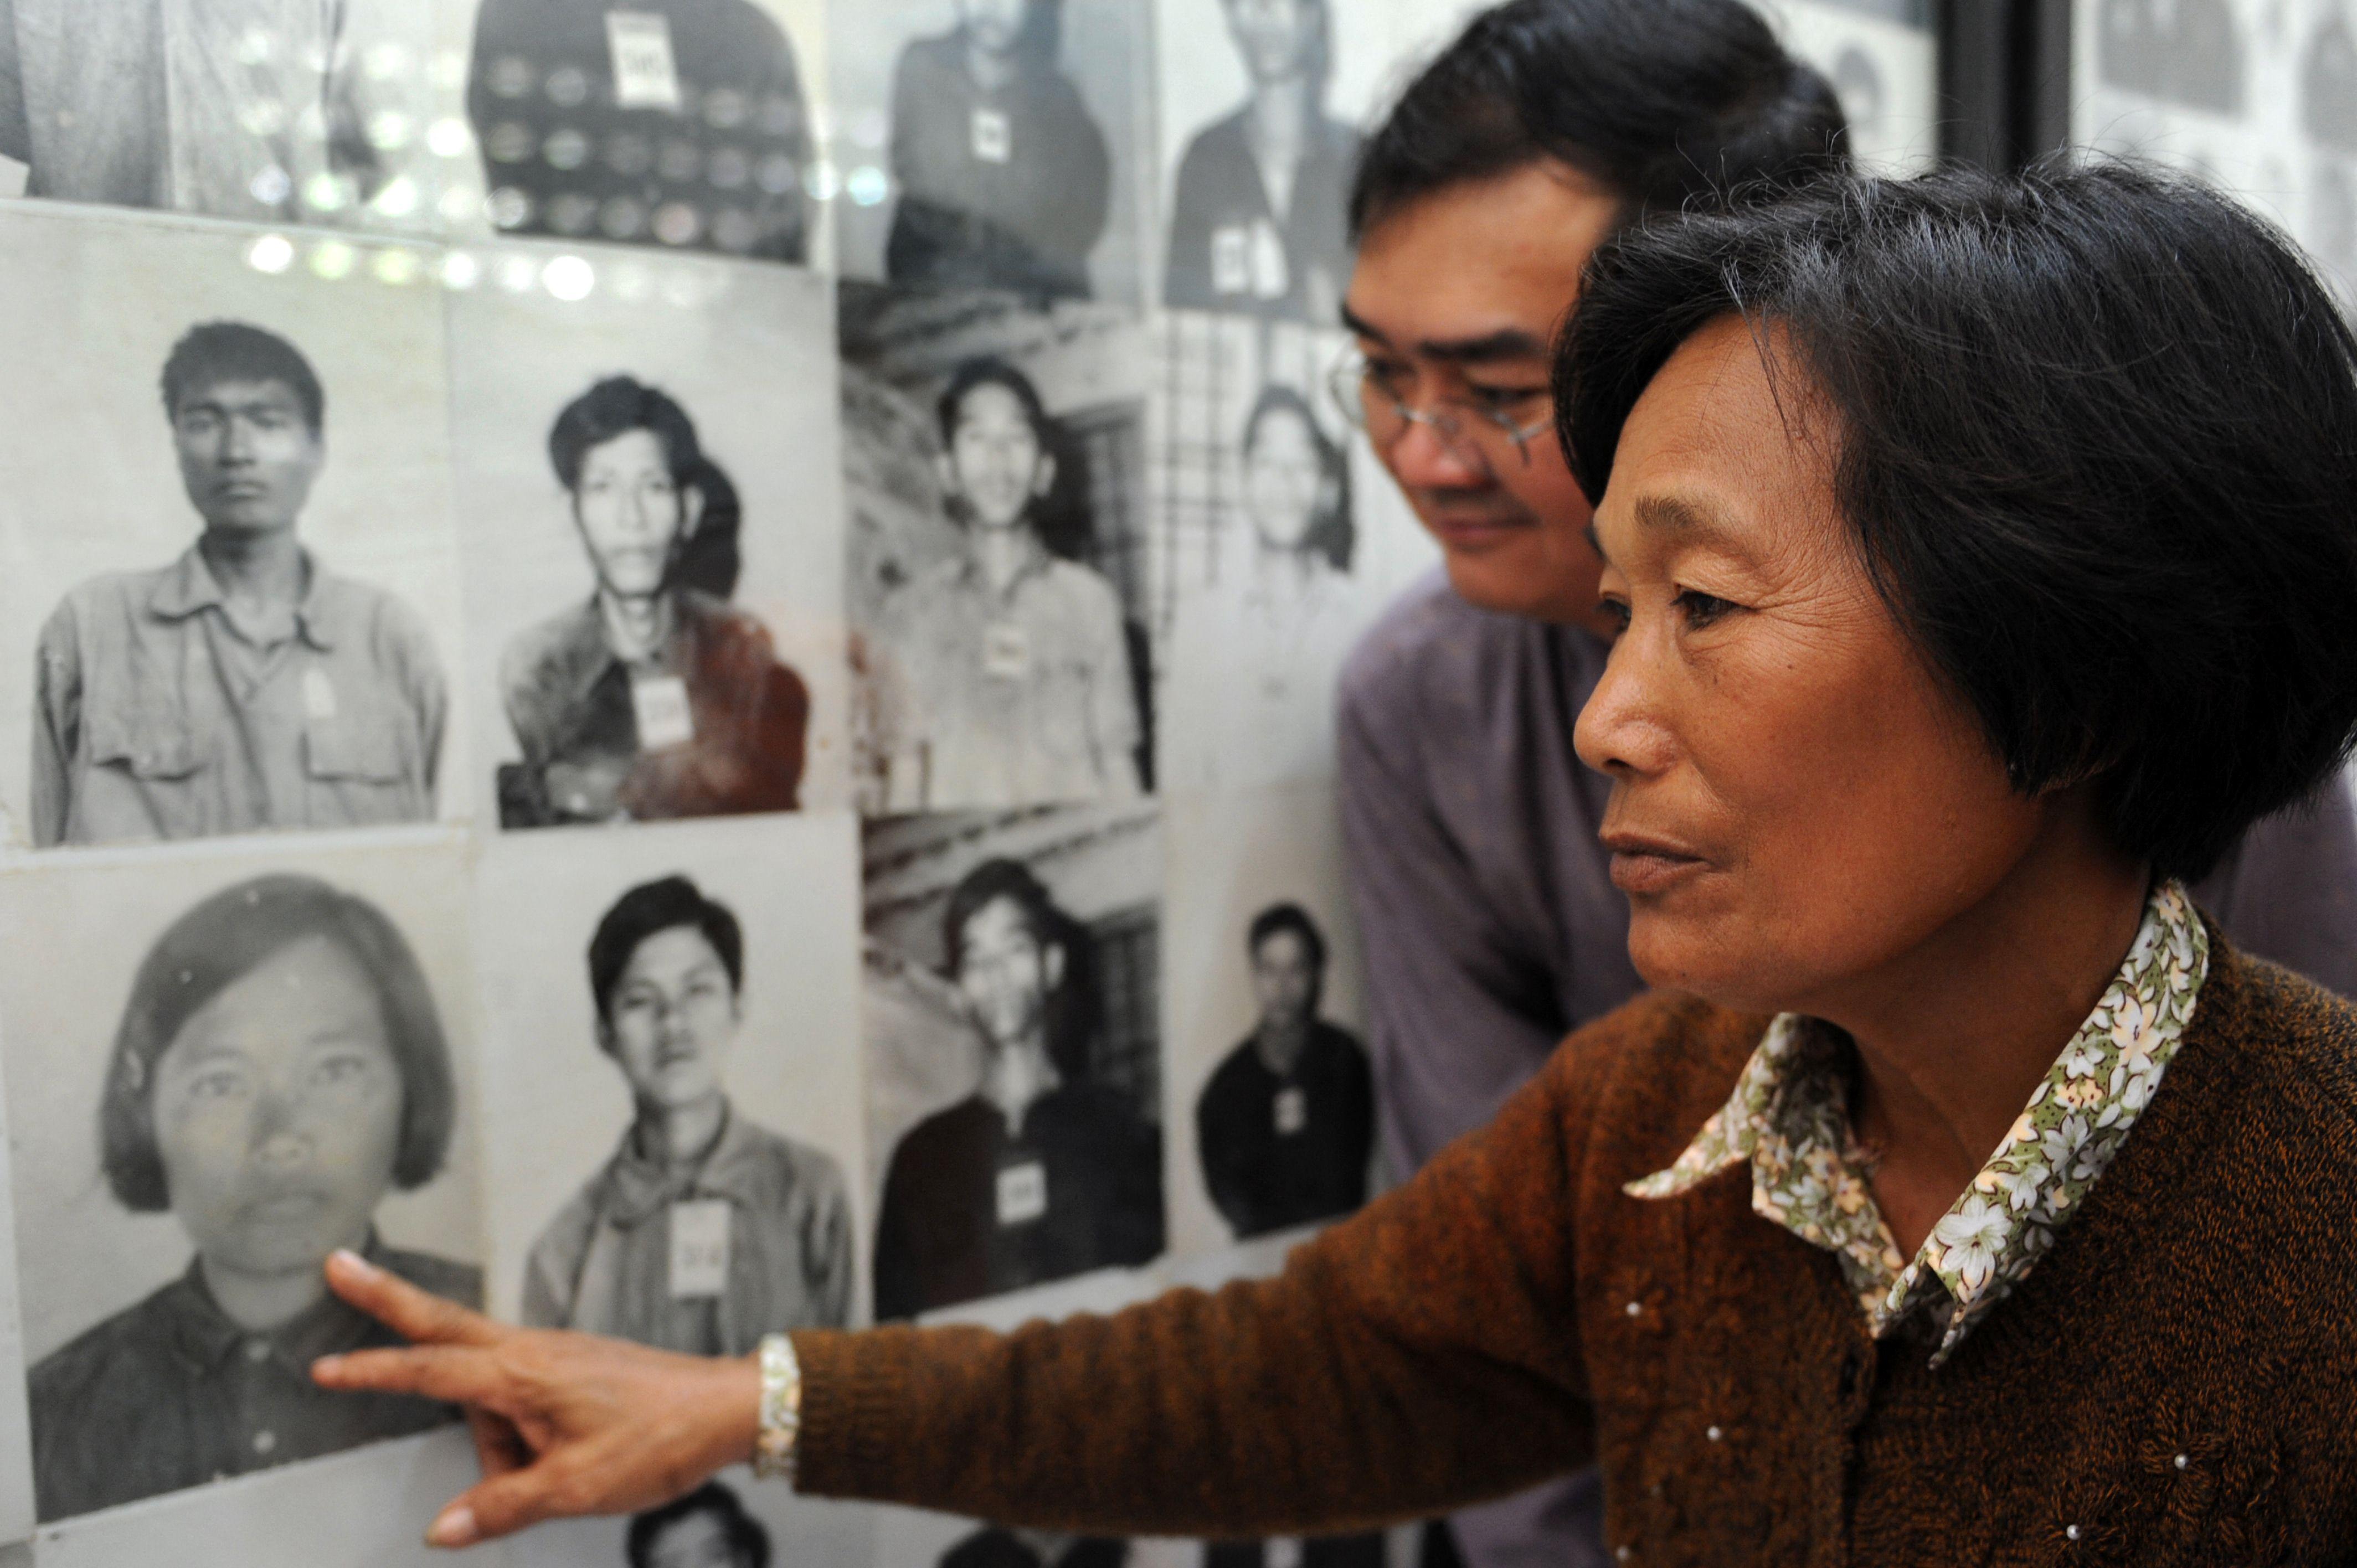 Egész Kambodzsát felzaklatta, hogy egy ír művész mosolygósra photoshopolta a vörös khmerek áldozatainak portréit